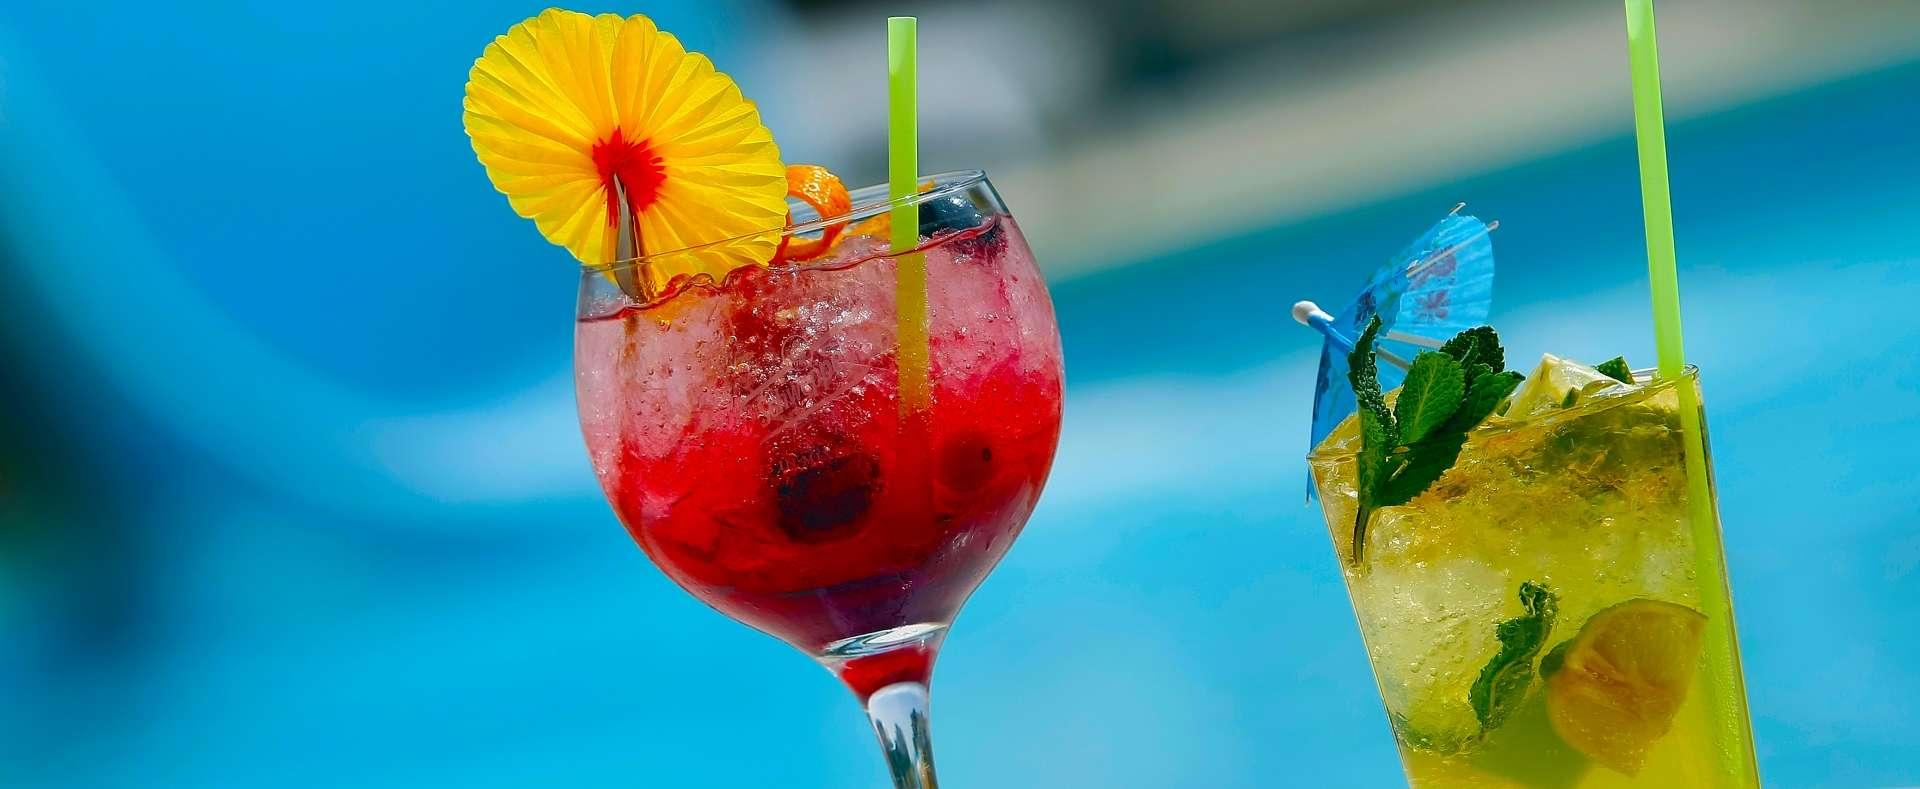 Servicios de bar en Medsur hoteles